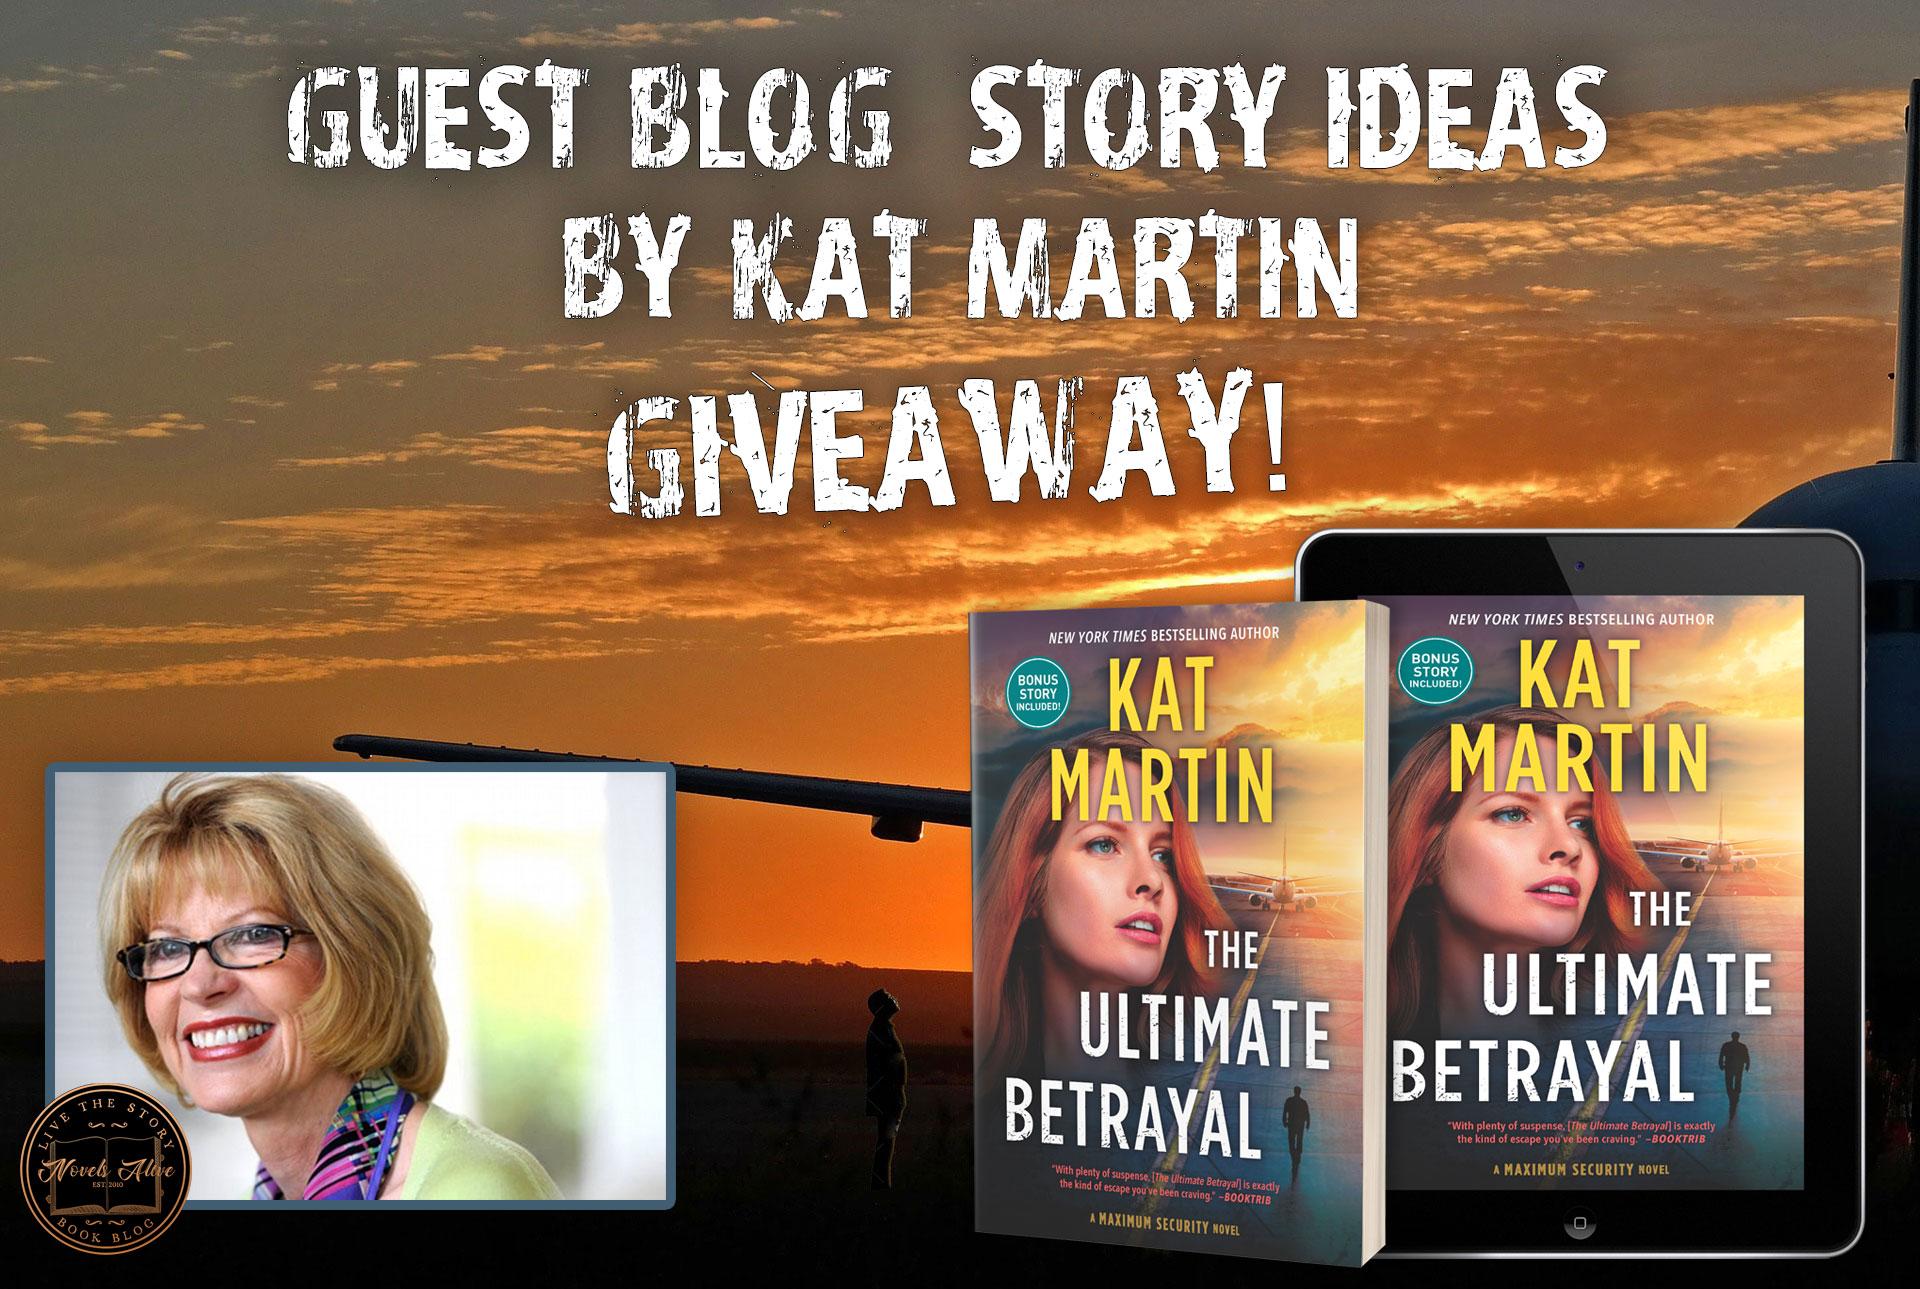 The-Ultimate-Betrayal-Kat-Martin-FB